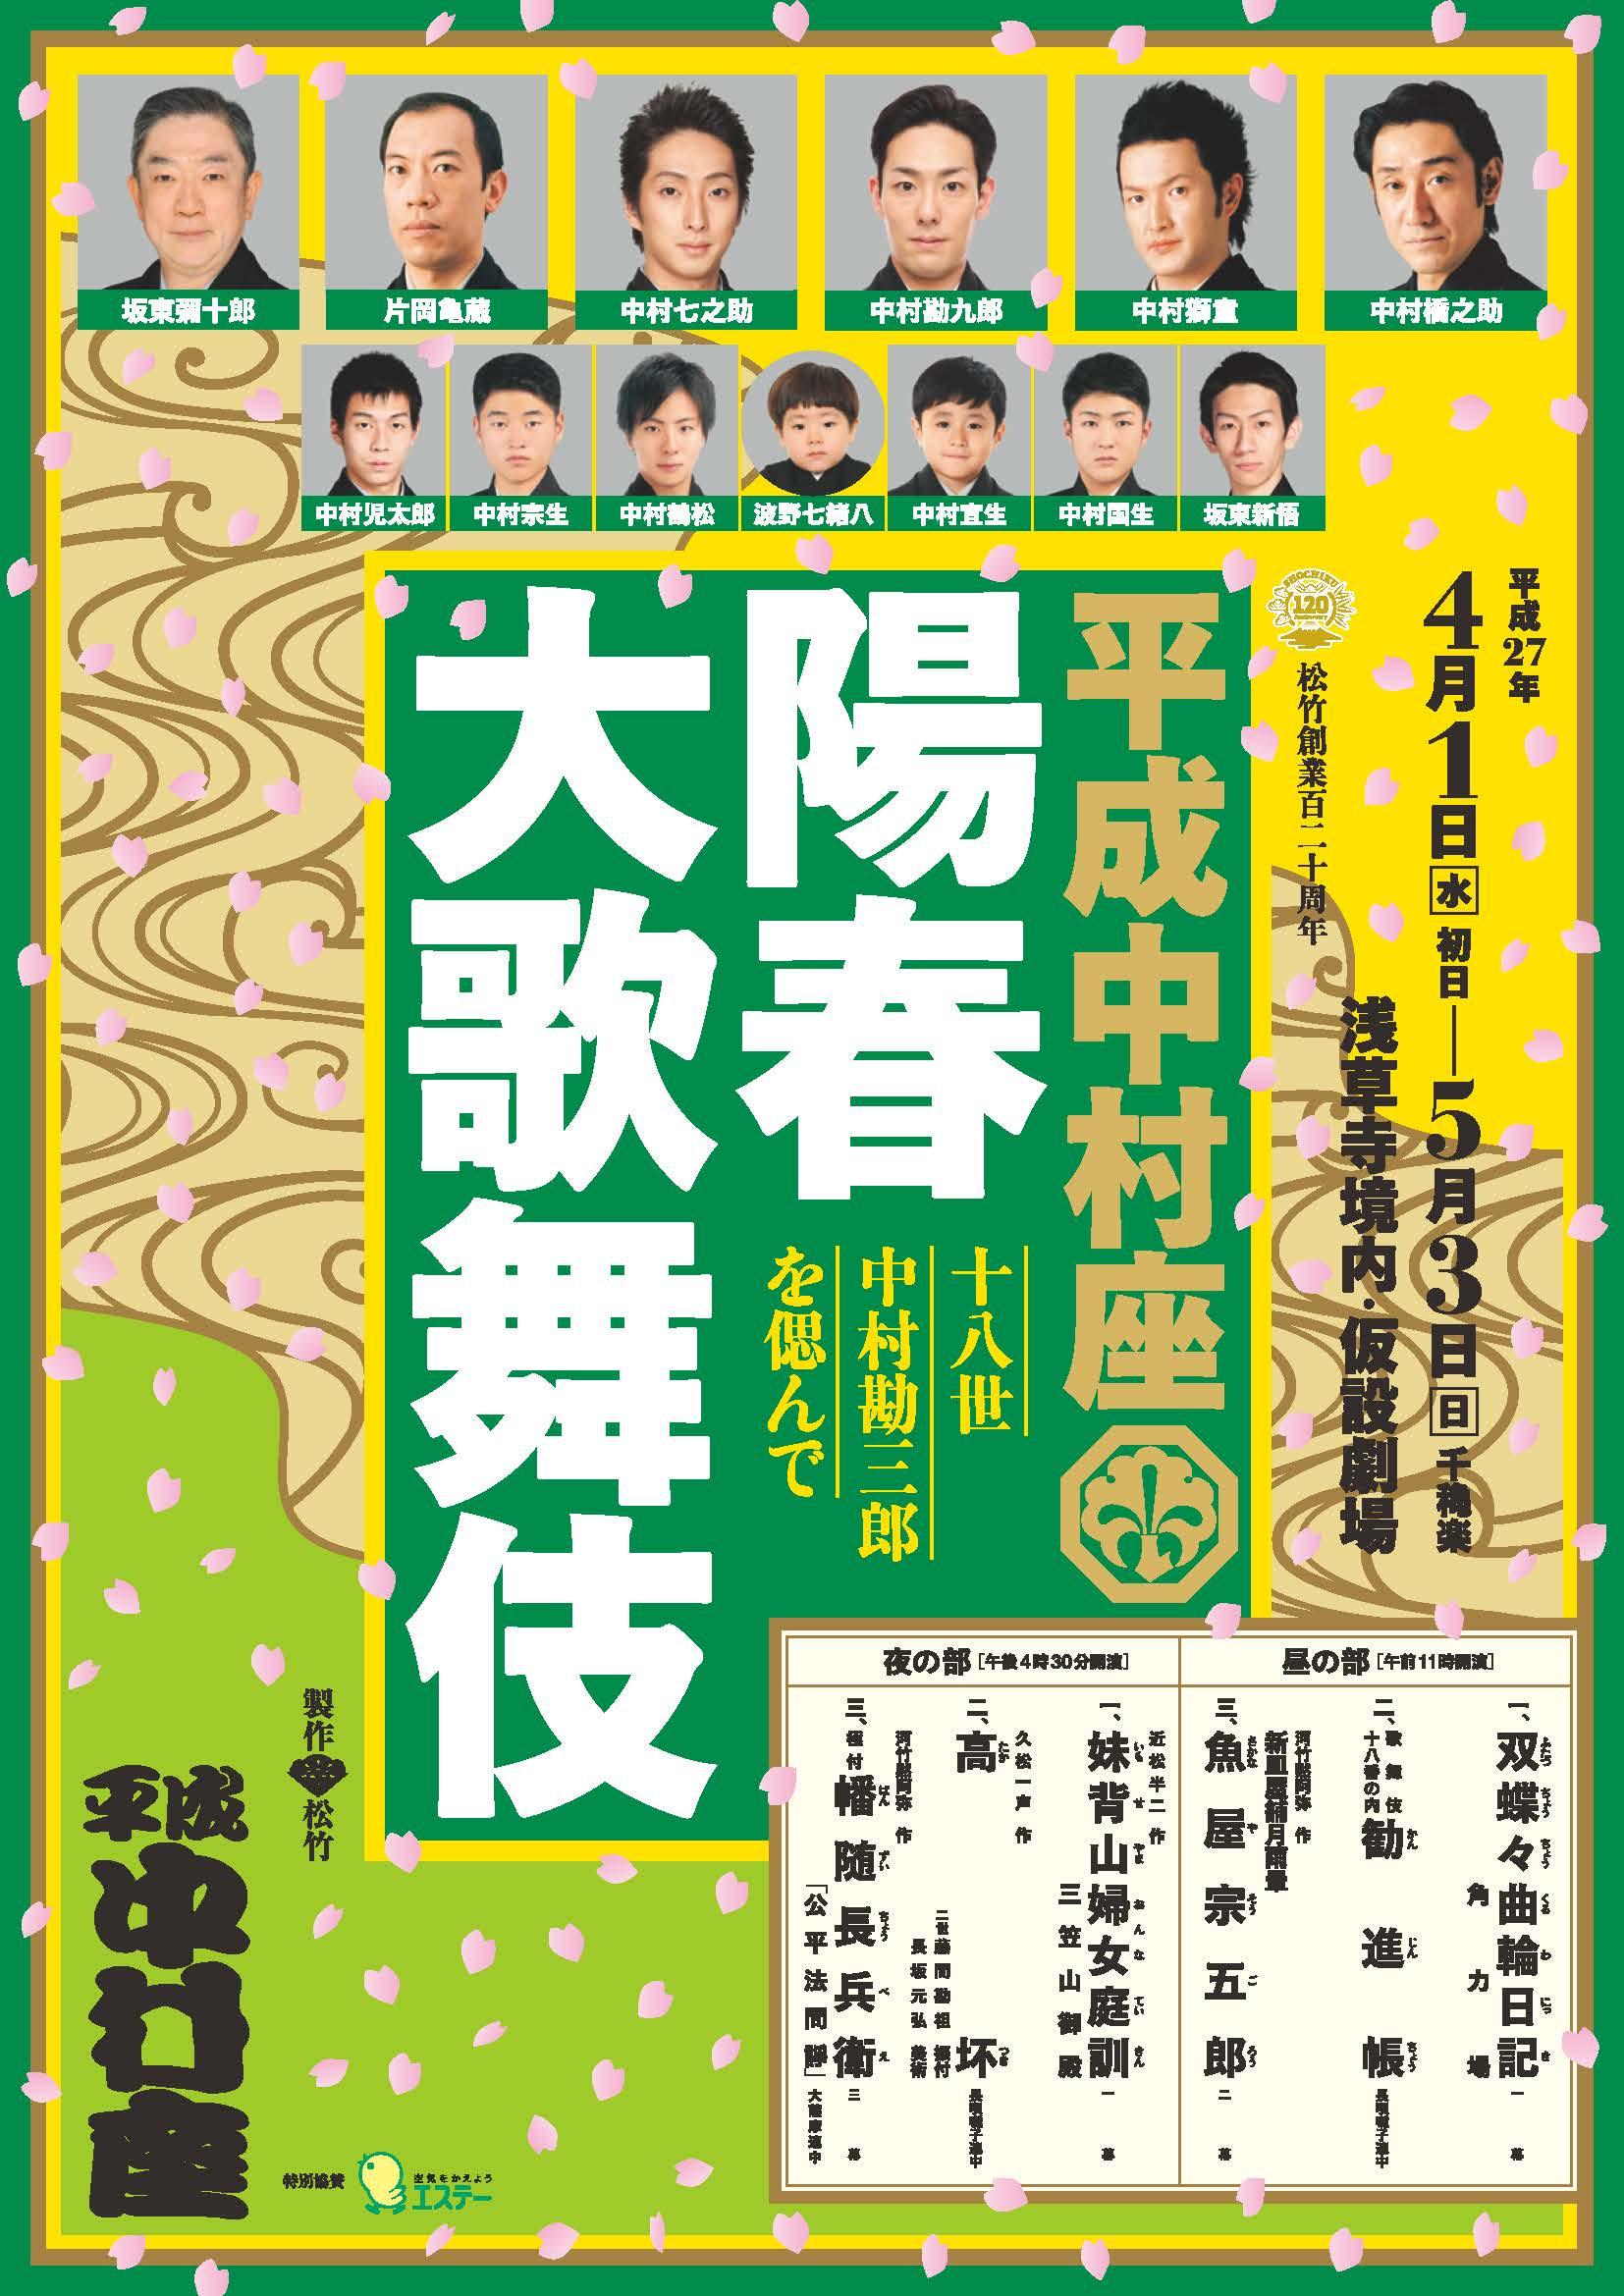 平成中村座 浅草歌舞伎_e0271858_98789.jpg